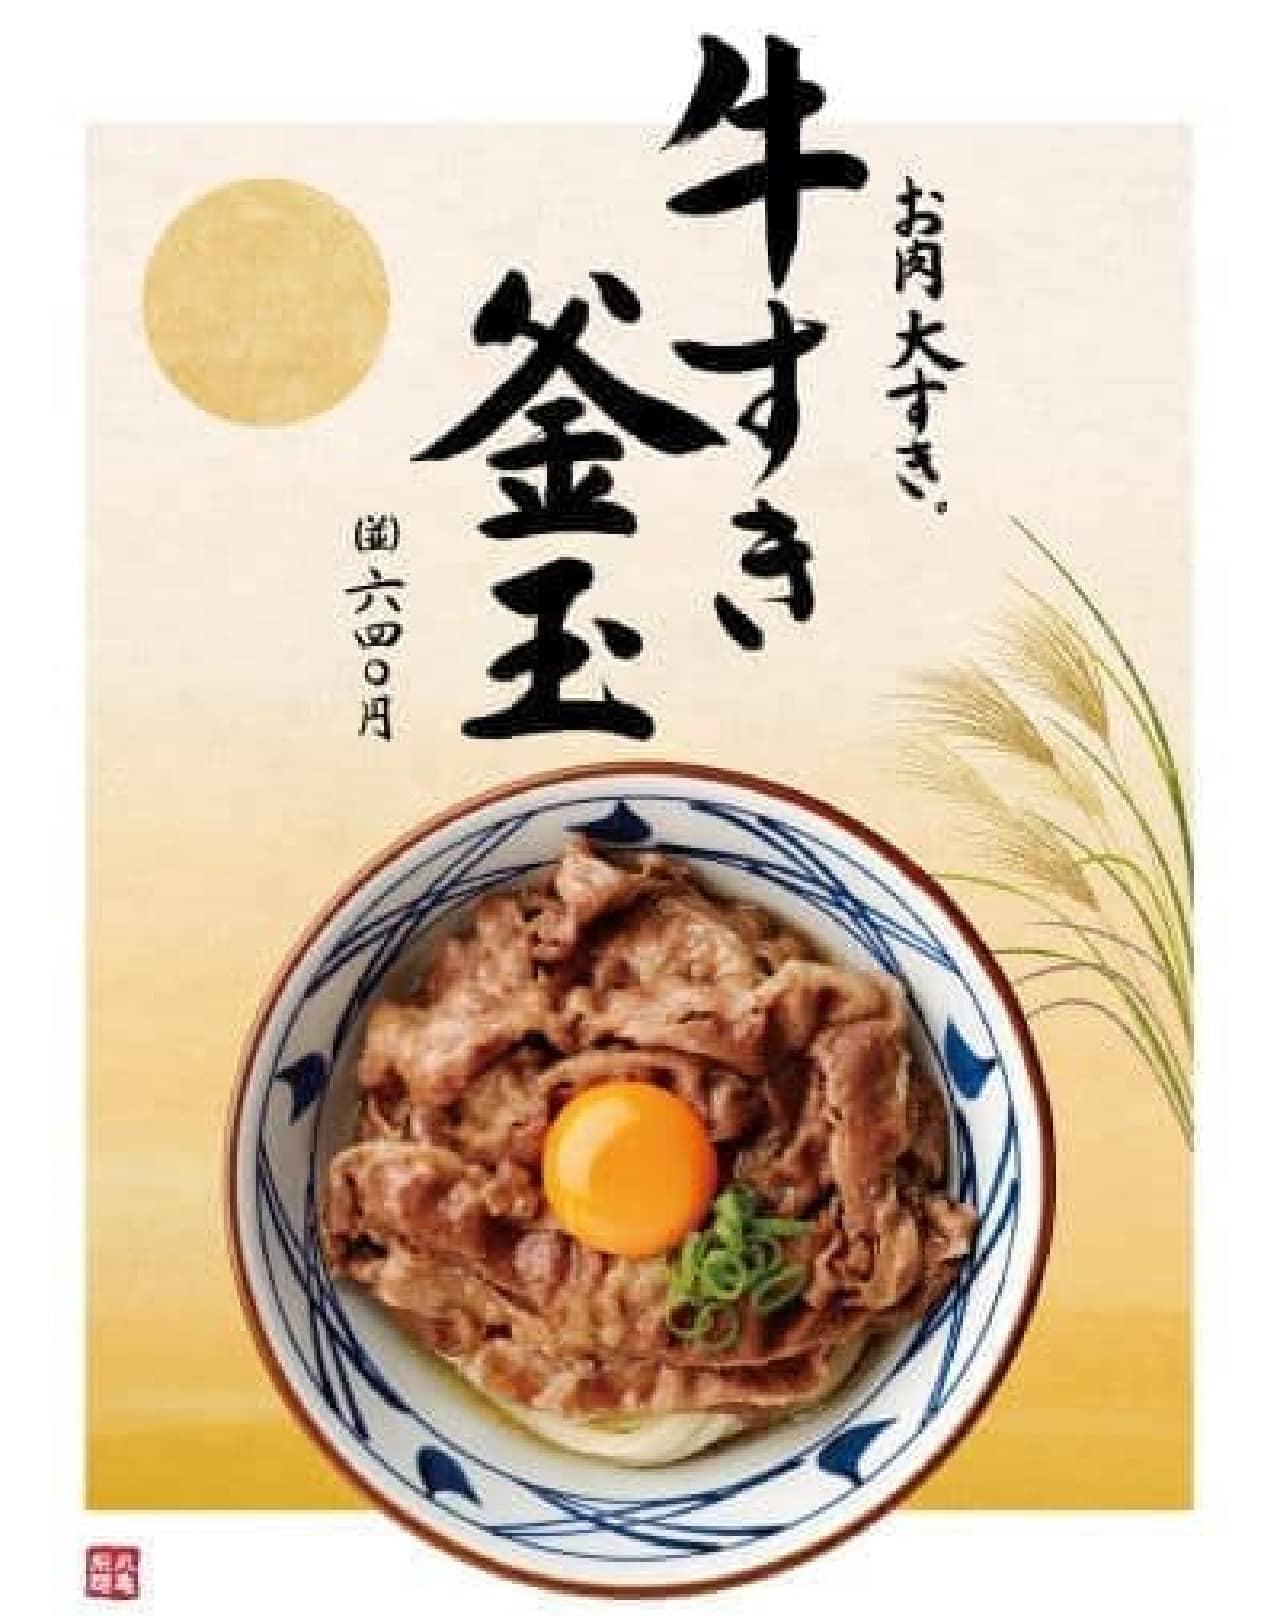 「牛すき釜玉」は甘辛い割り下で牛肉を焼き、茹でたての麺にのせて卵を絡めた品